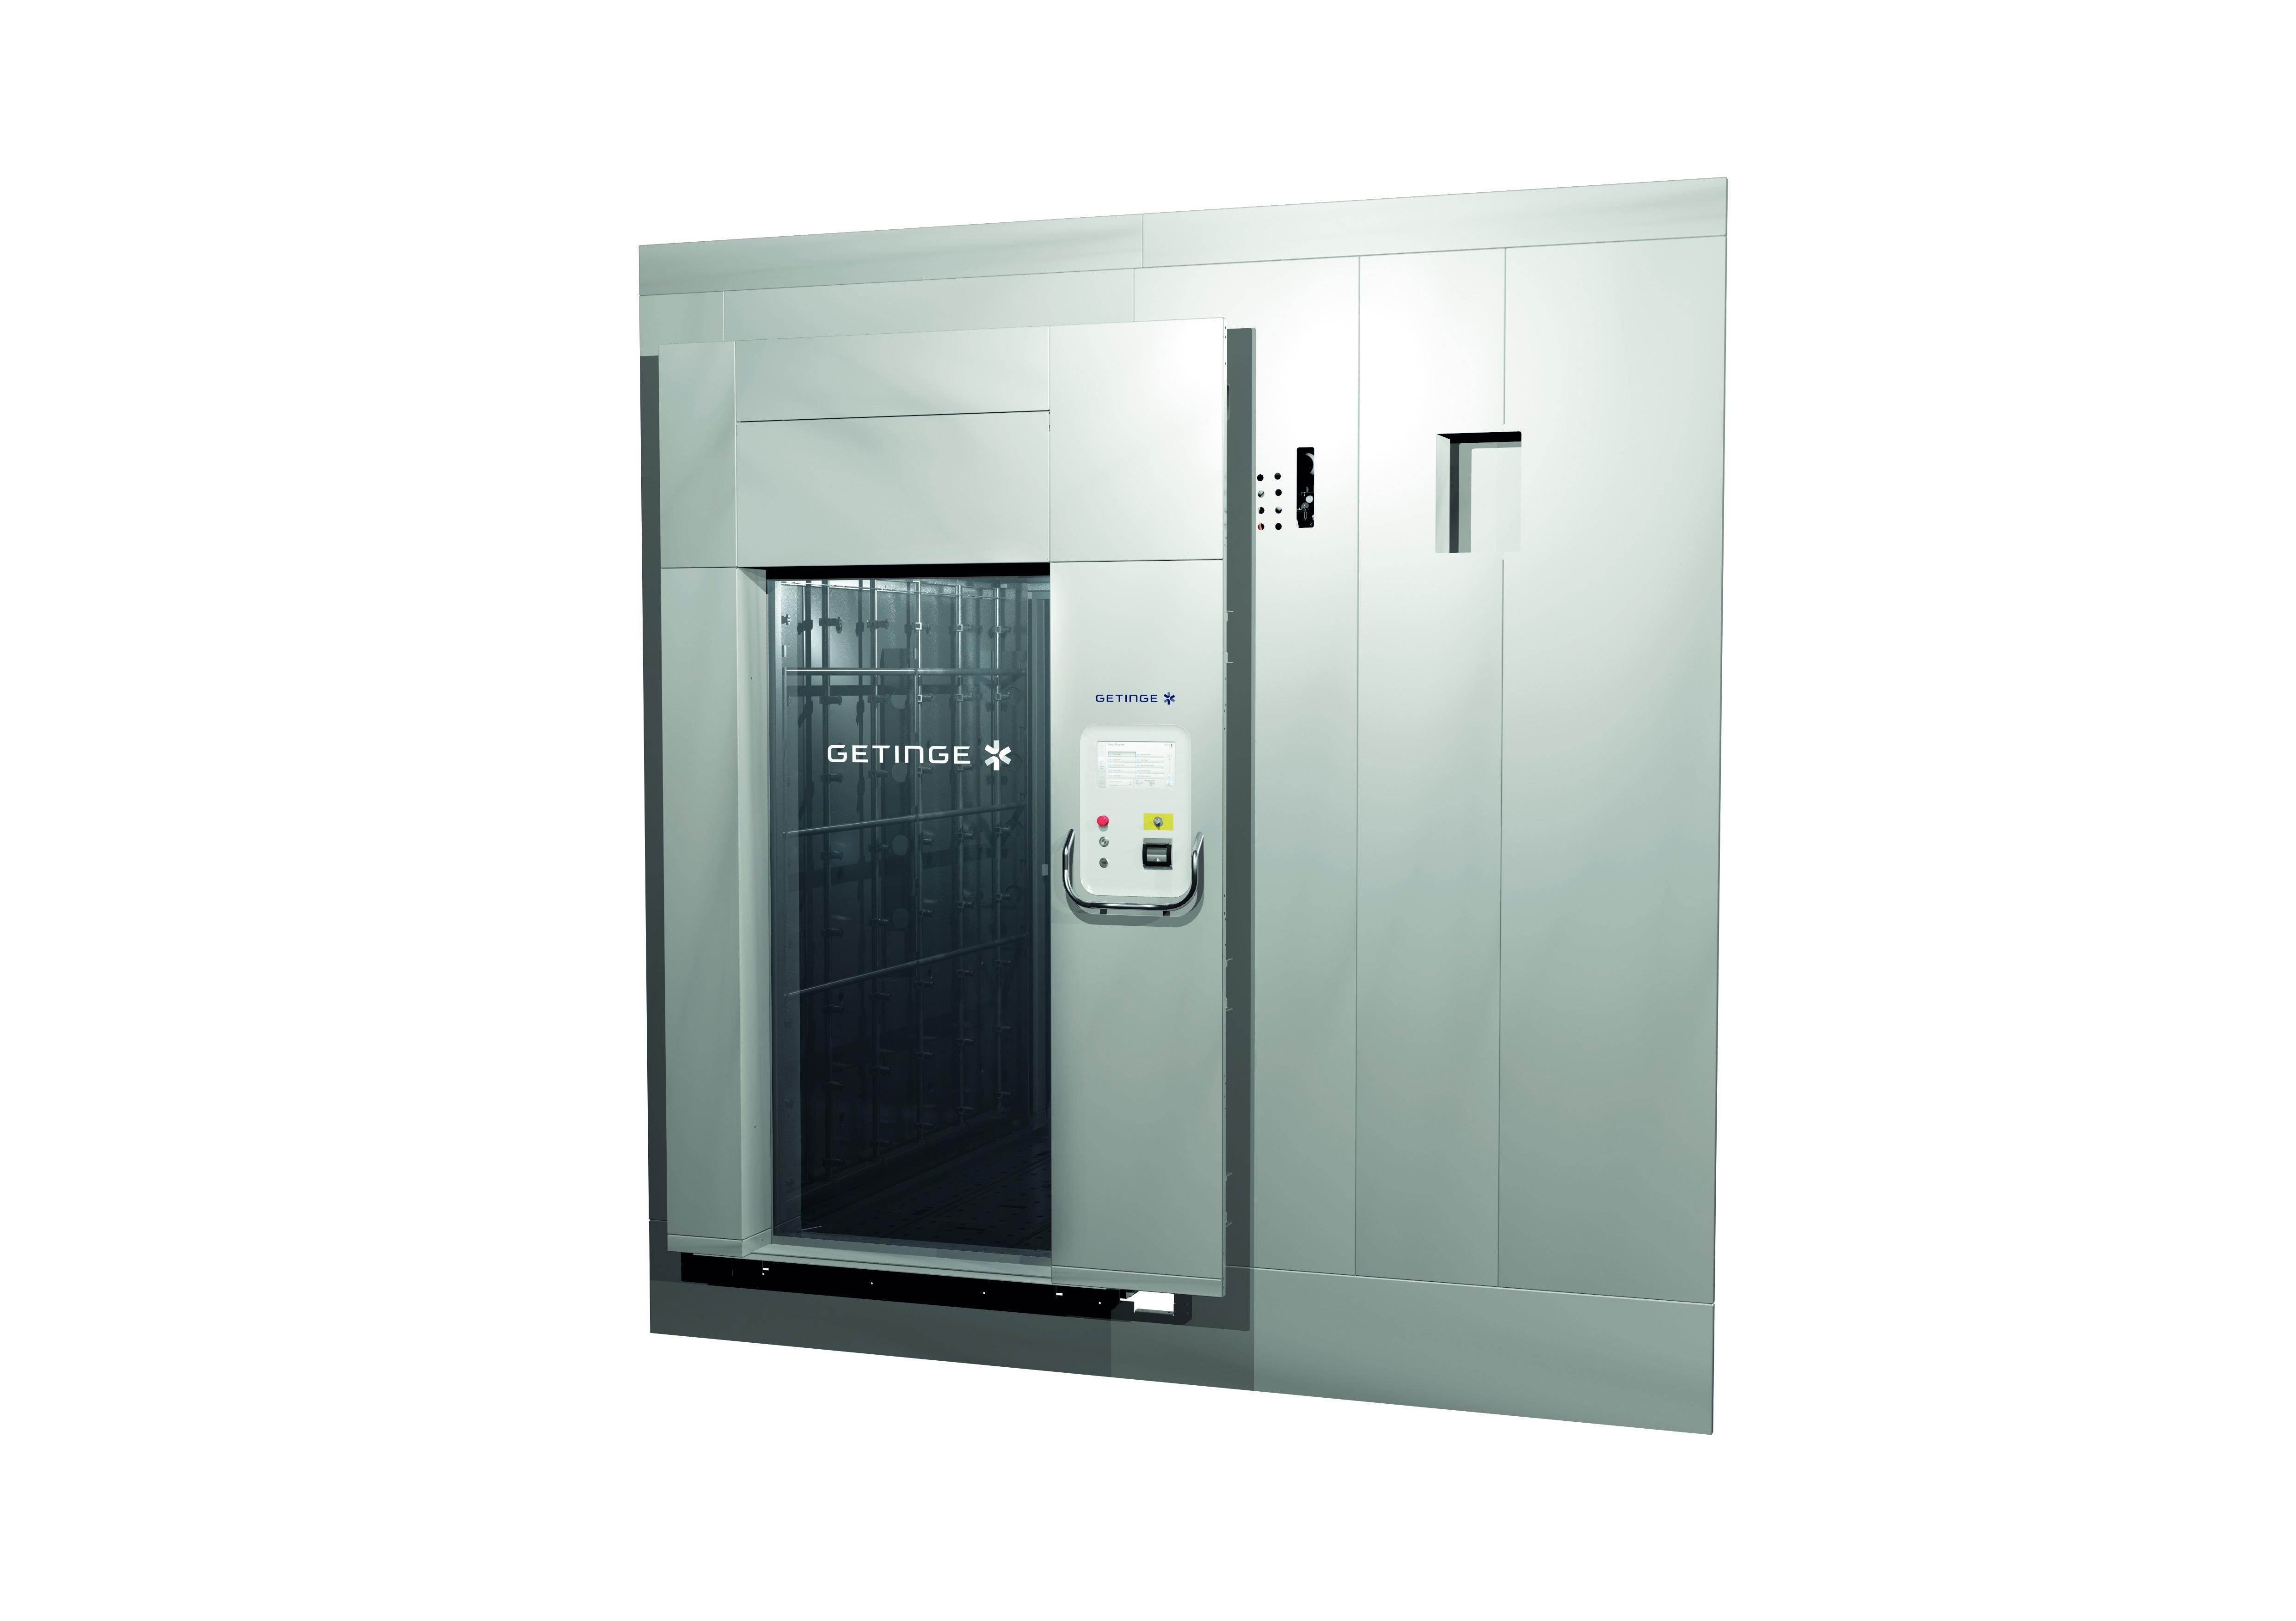 Getinge 9100E